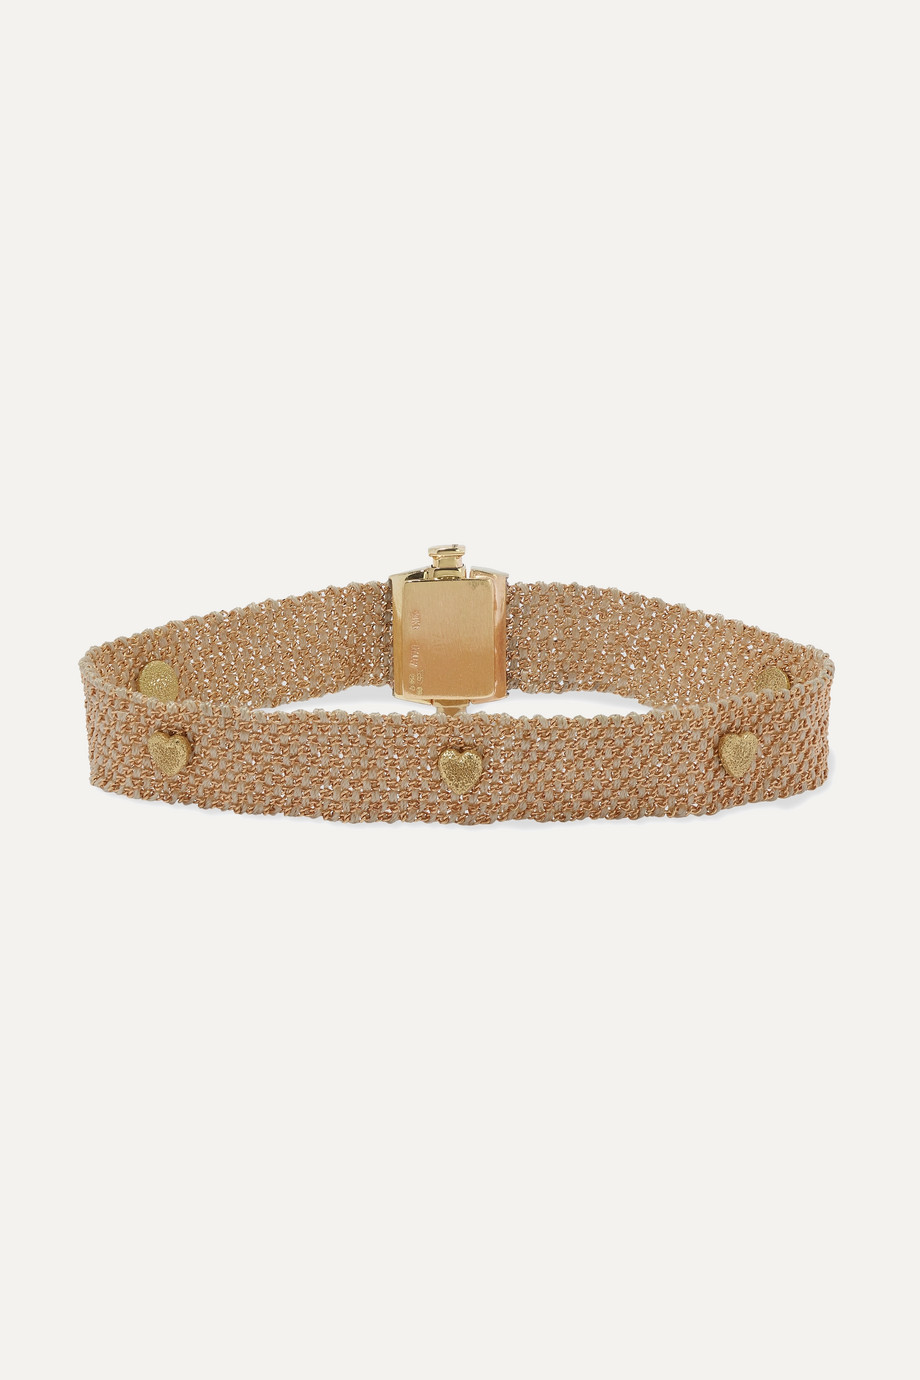 Carolina Bucci Bracelet en or 14 carats et soie à clous